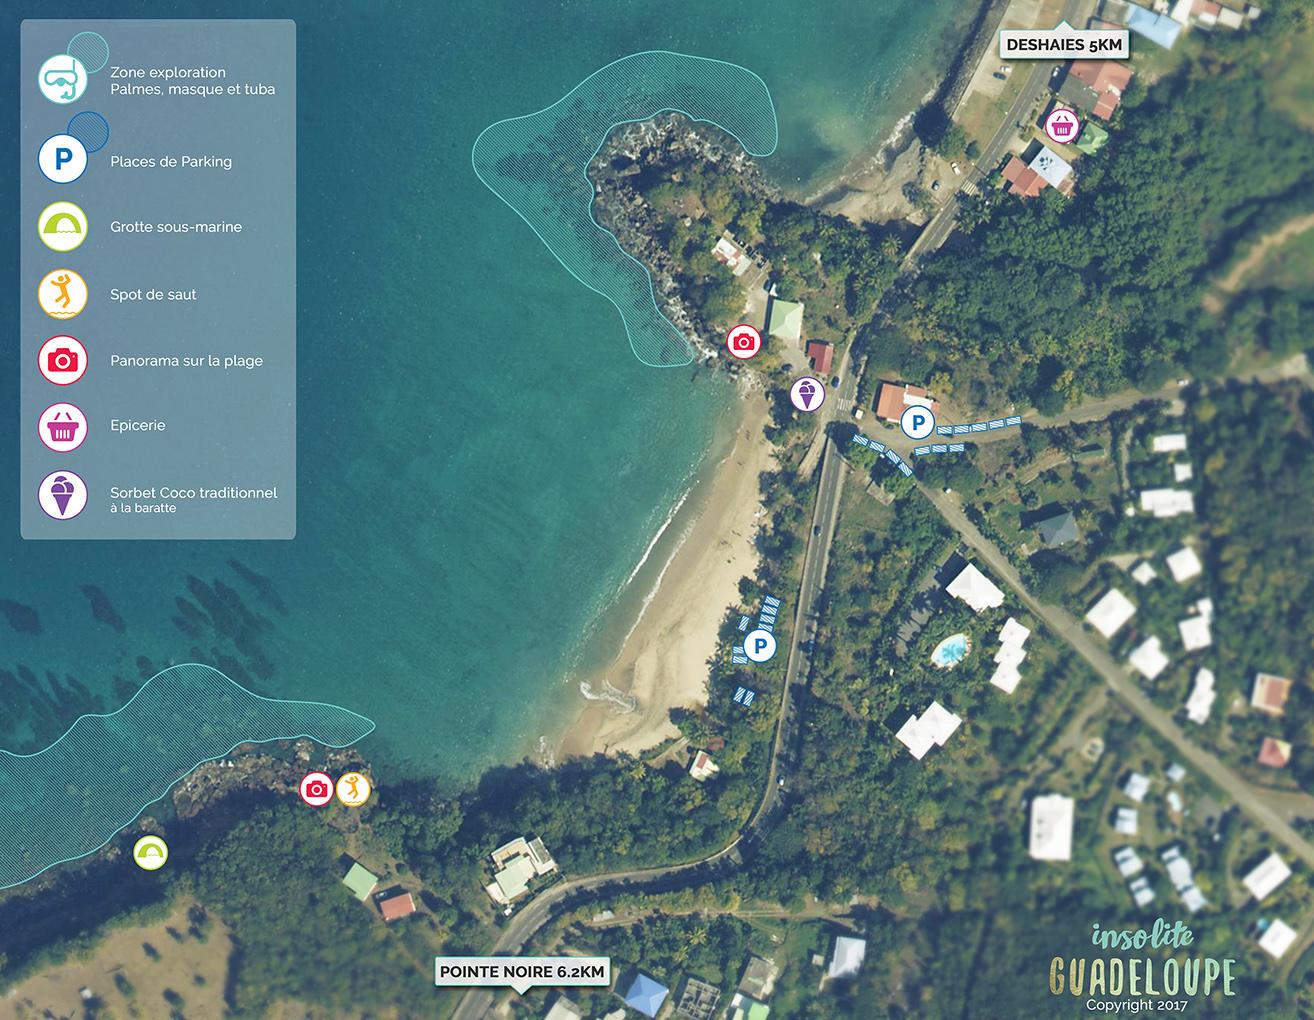 Carte Plage de Leroux Infos pratiques, acces, parking Deshaies, Ferry, Insolite Guadeloupe